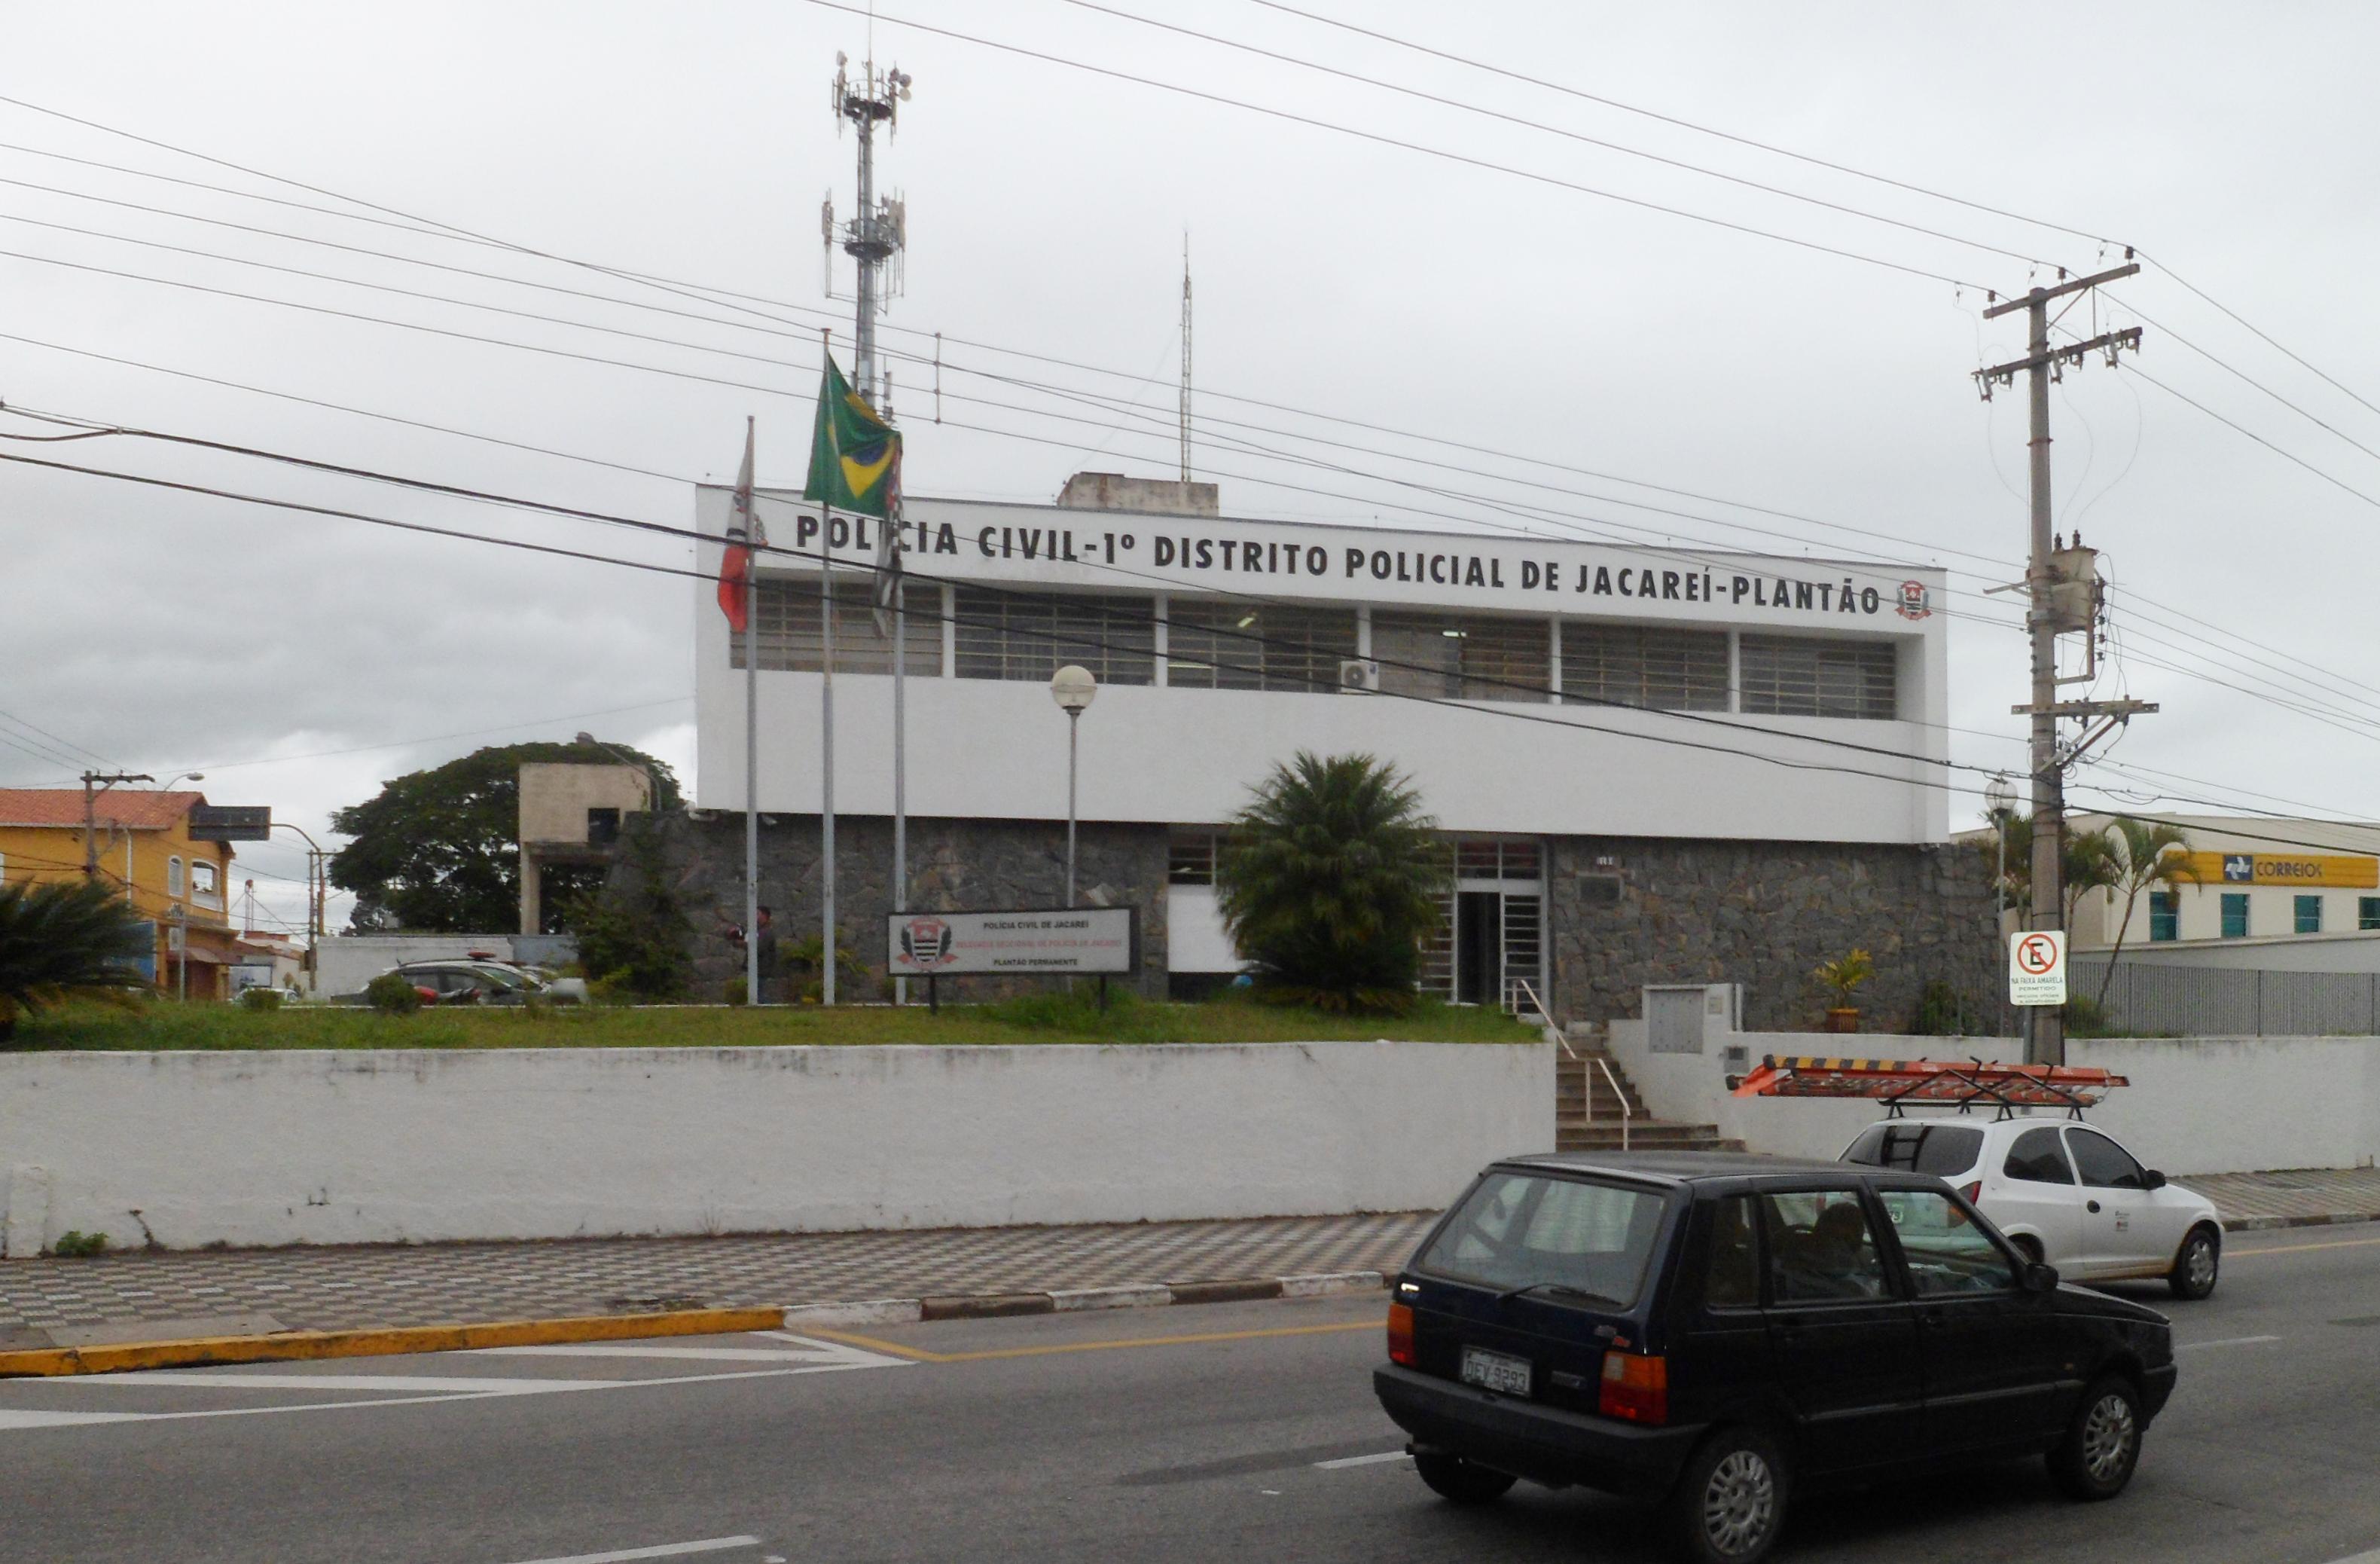 Operação policial em Jacareí termina com 5 presos